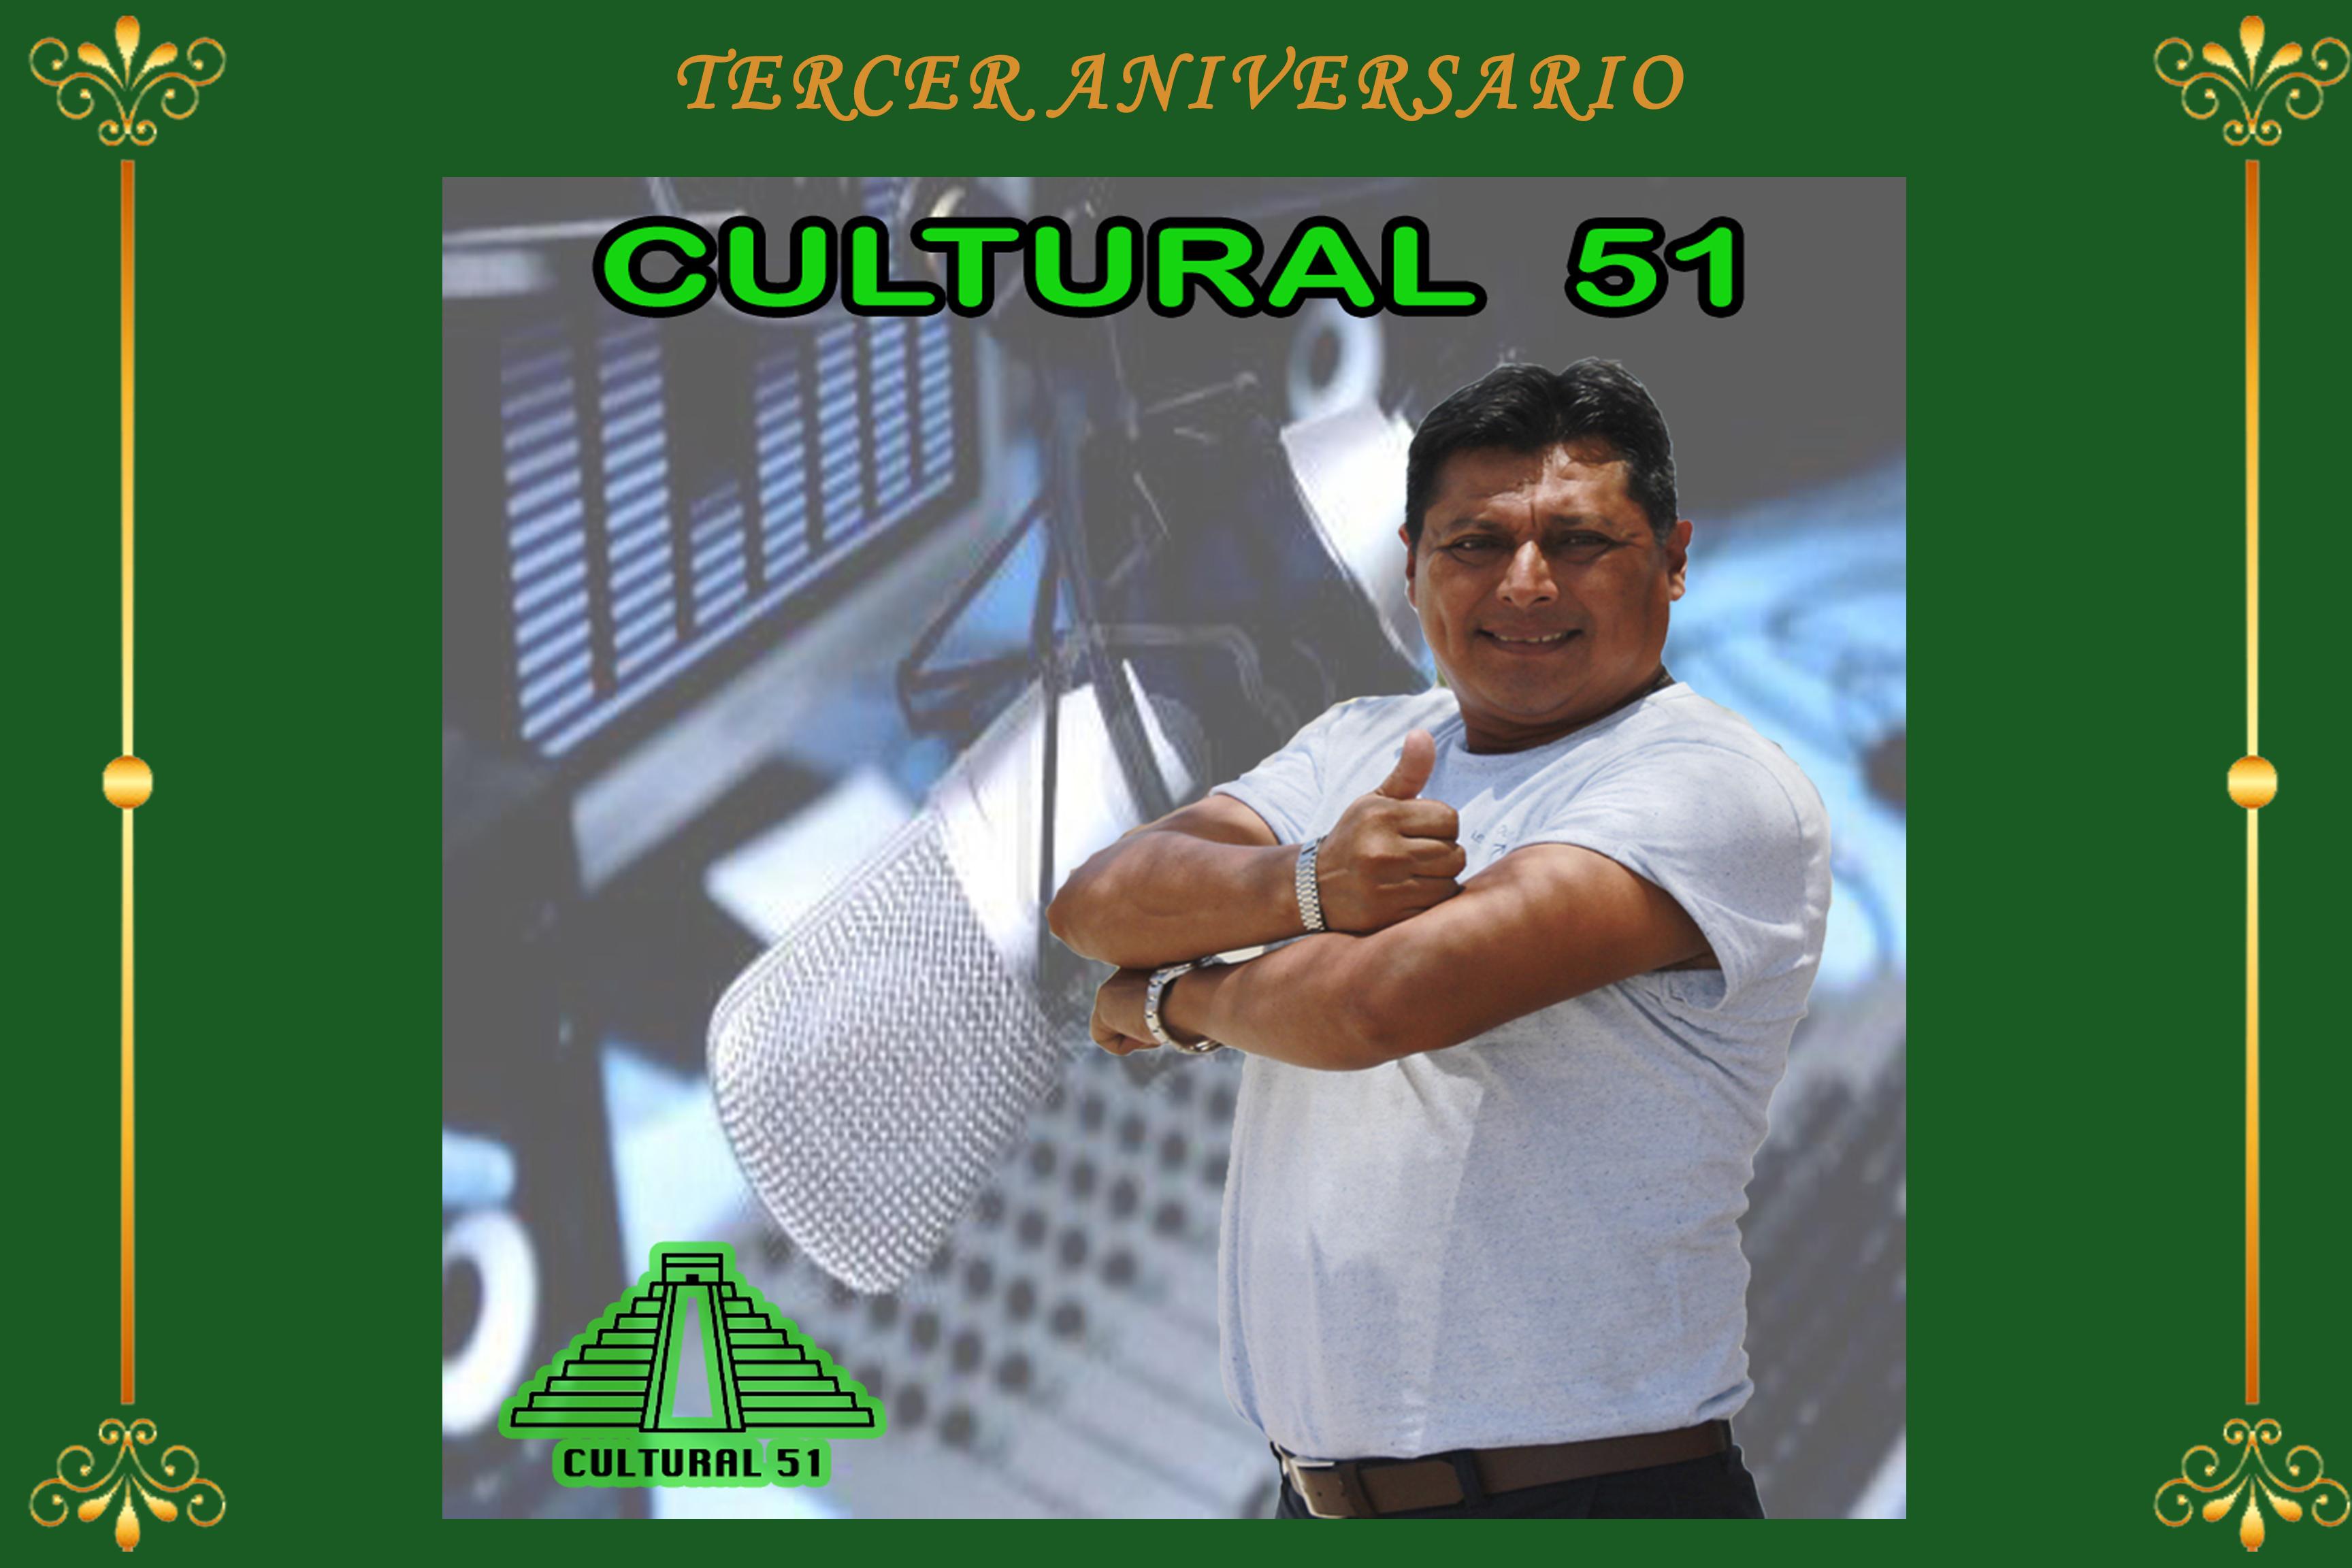 LUIS BURGOS XIX CULTURAL 51 TERCER